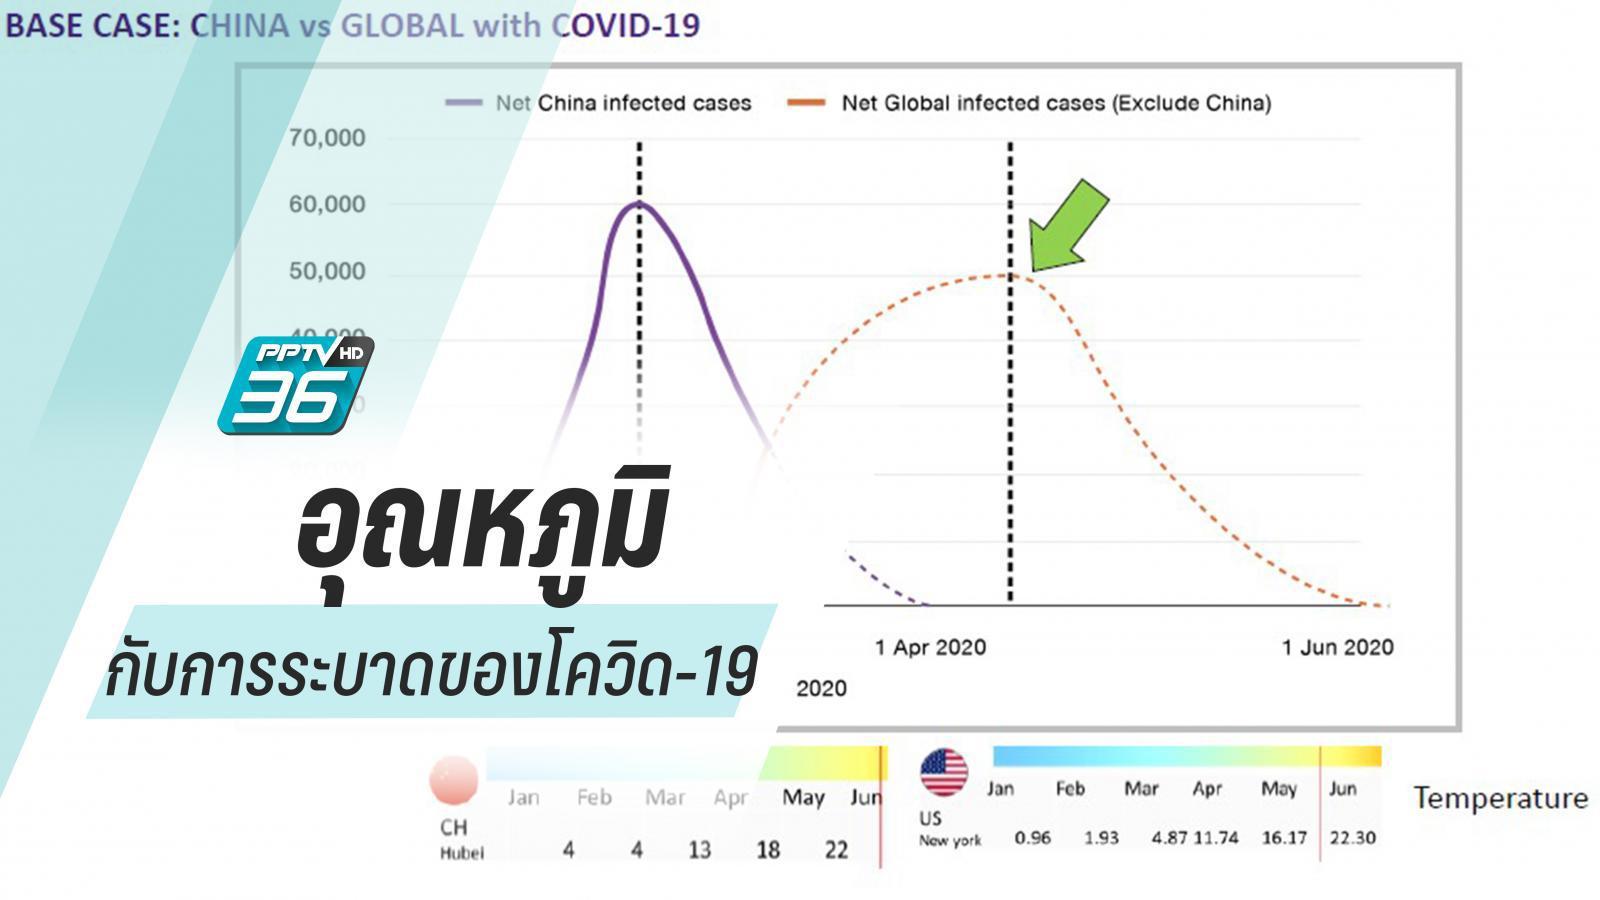 วิเคราะห์อุณหภูมิกับการระบาดของโควิด-19